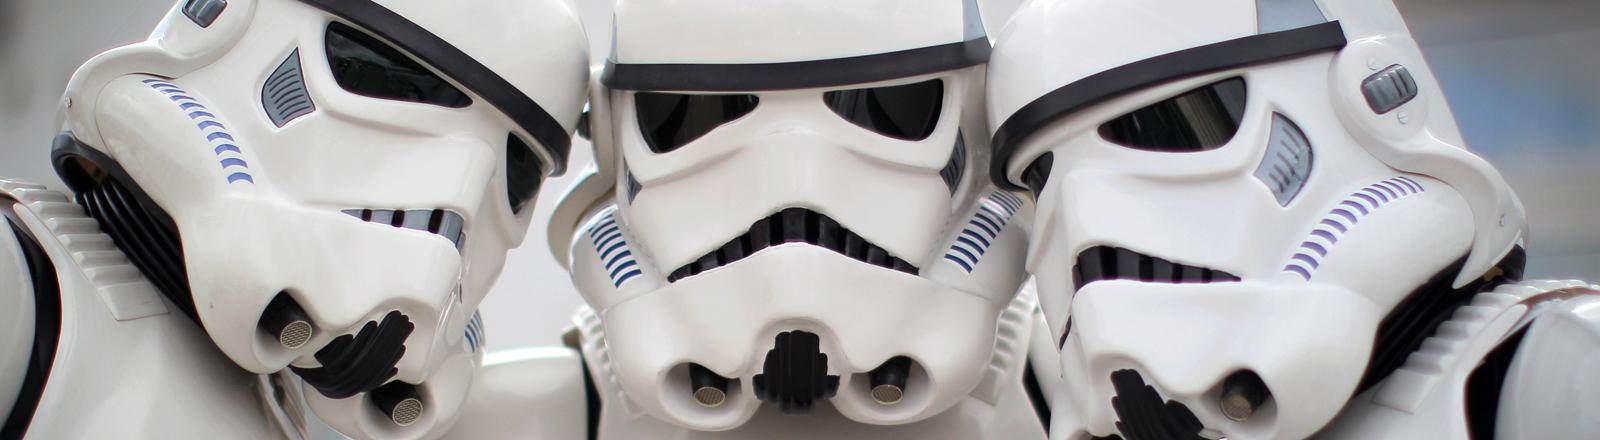 Drei Stormtrooper kommen am 27.09.2014 zum Science Fiction-Treffen im Technik Museum in Speyer.